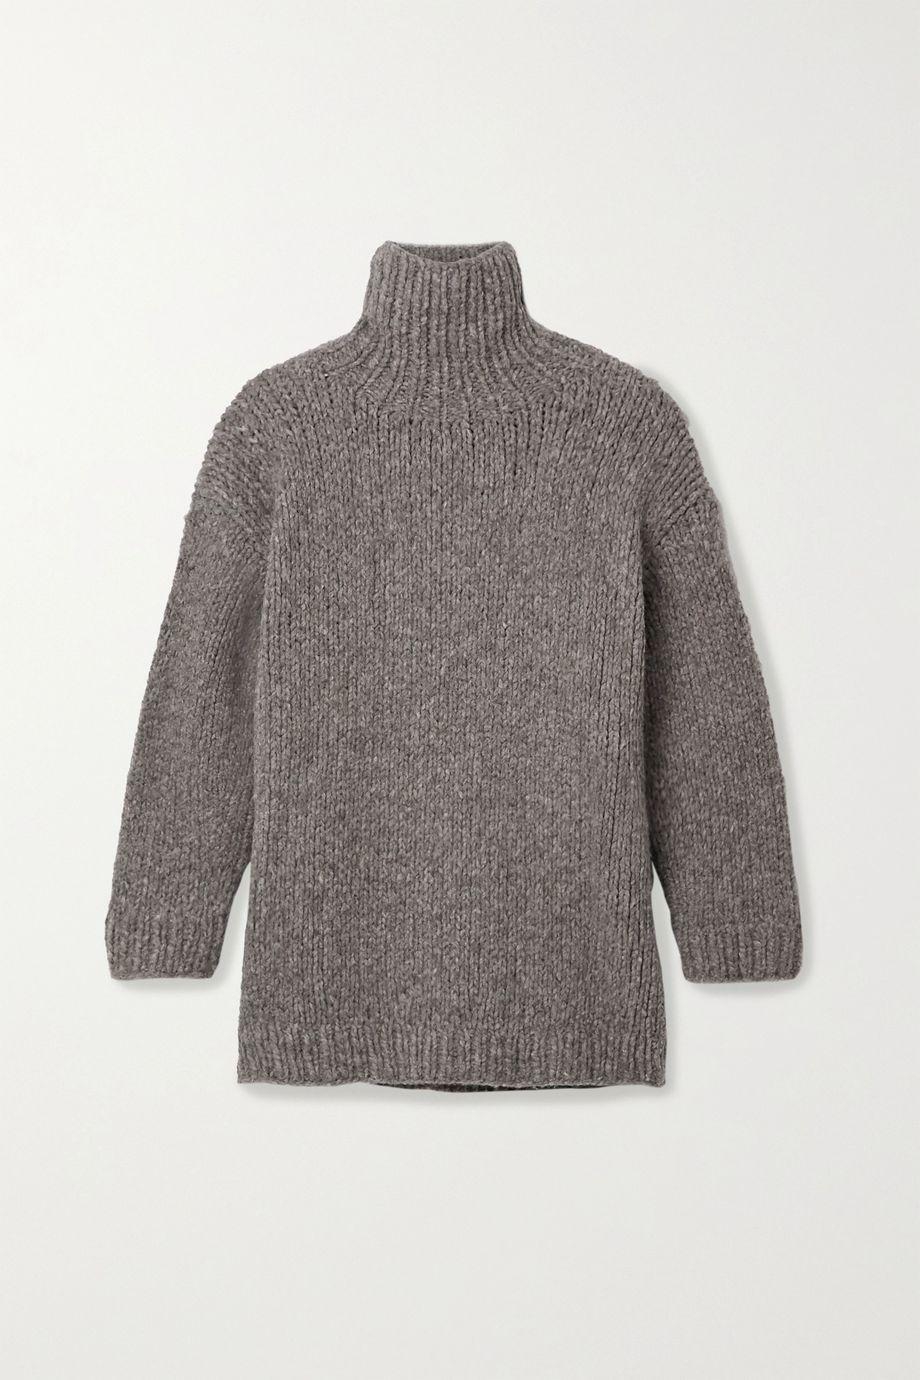 Lauren Manoogian Oversized mélange alpaca, merino wool and cotton-blend turtleneck sweater